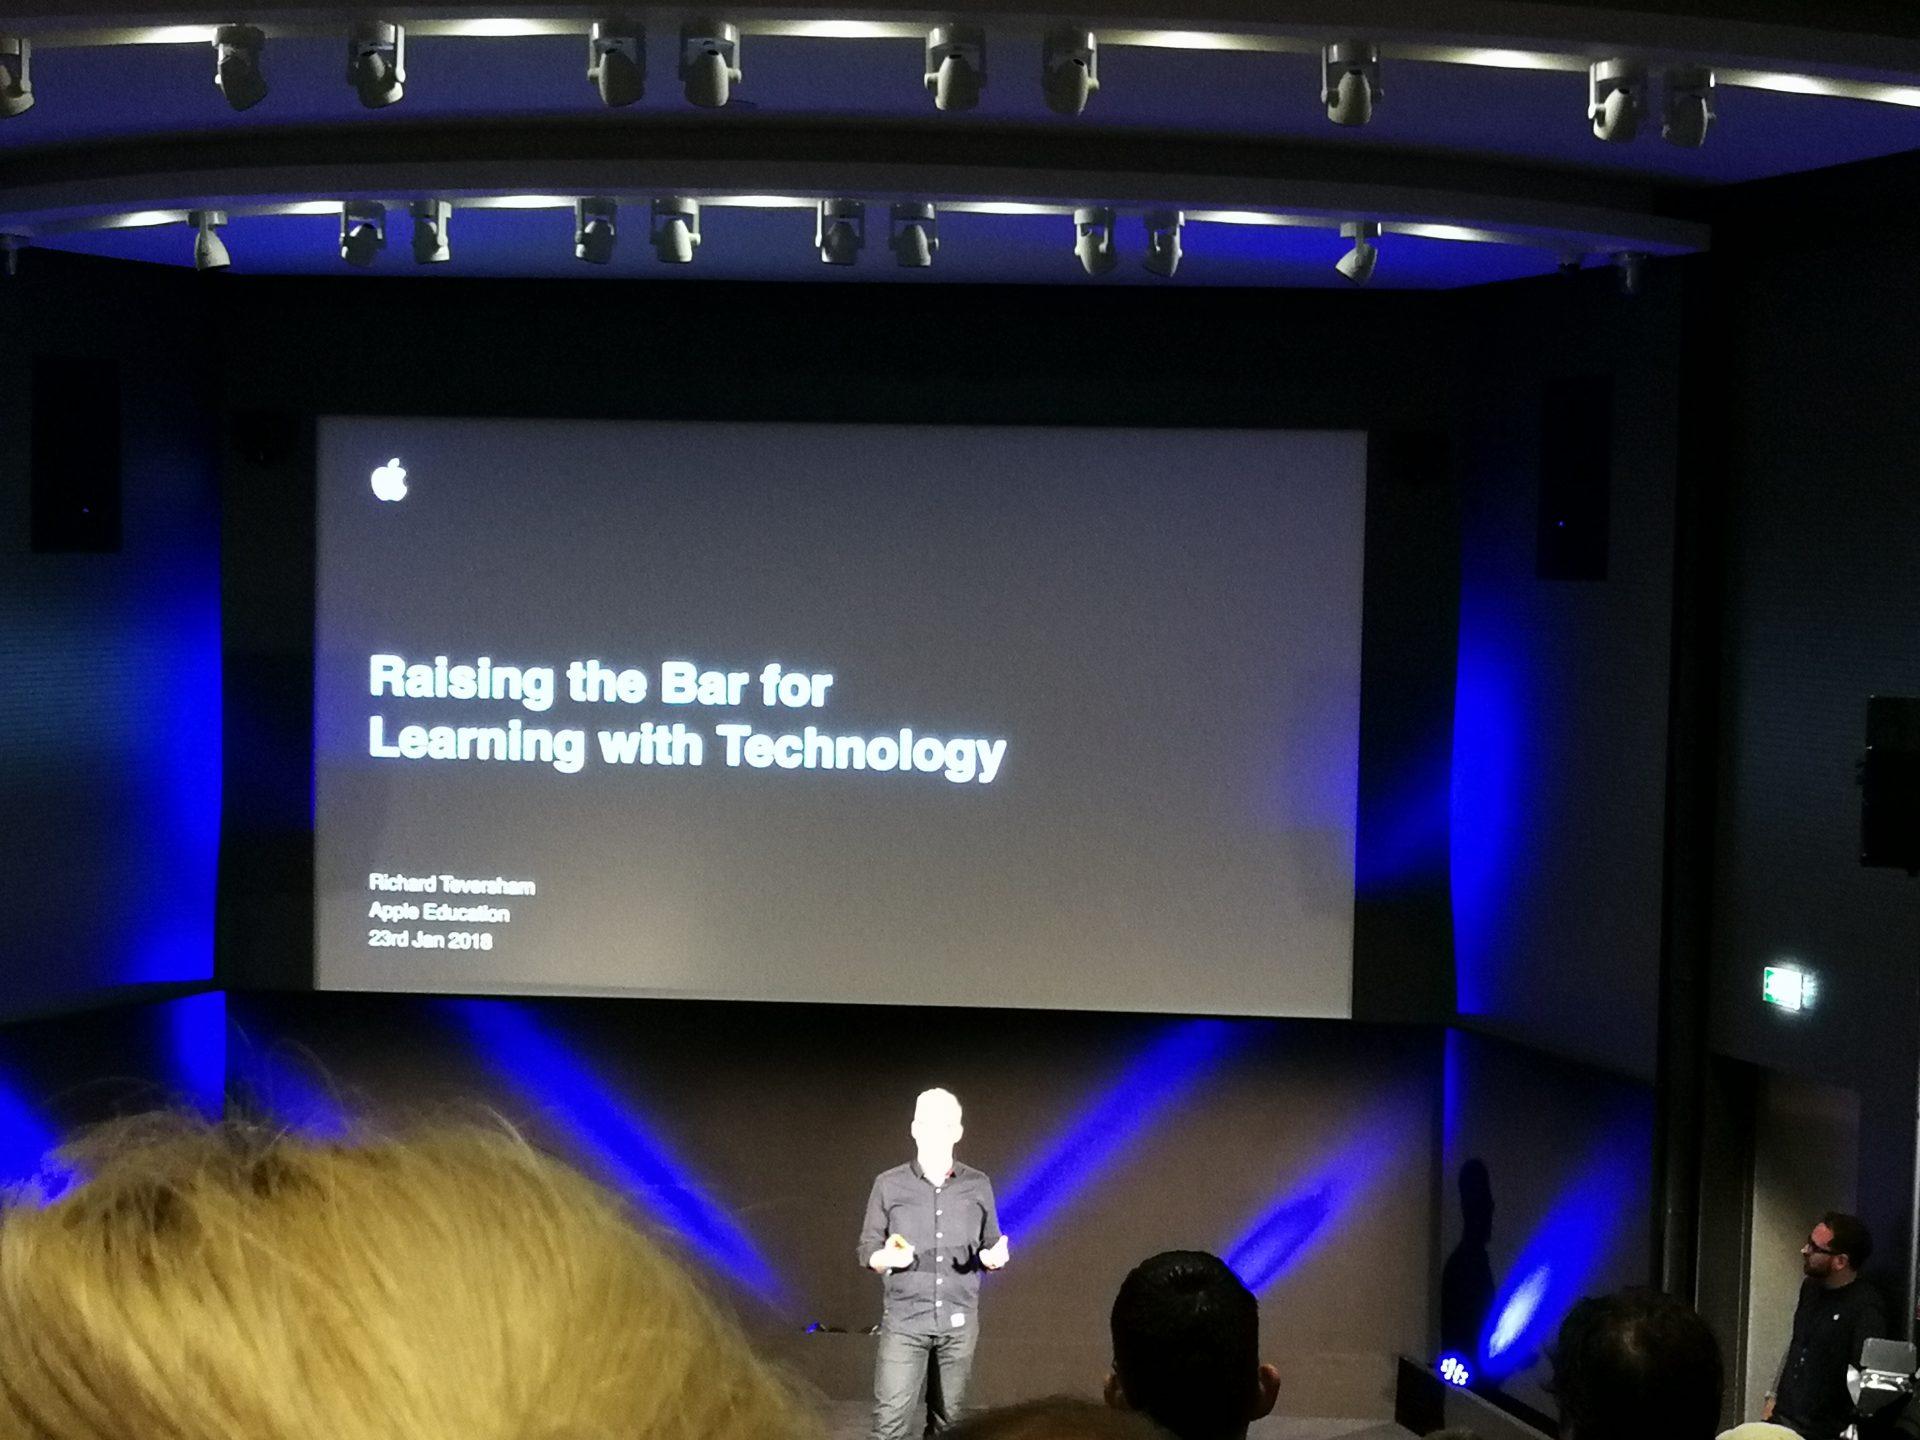 Apple European Leader Summit (ELS) & BETT 2018